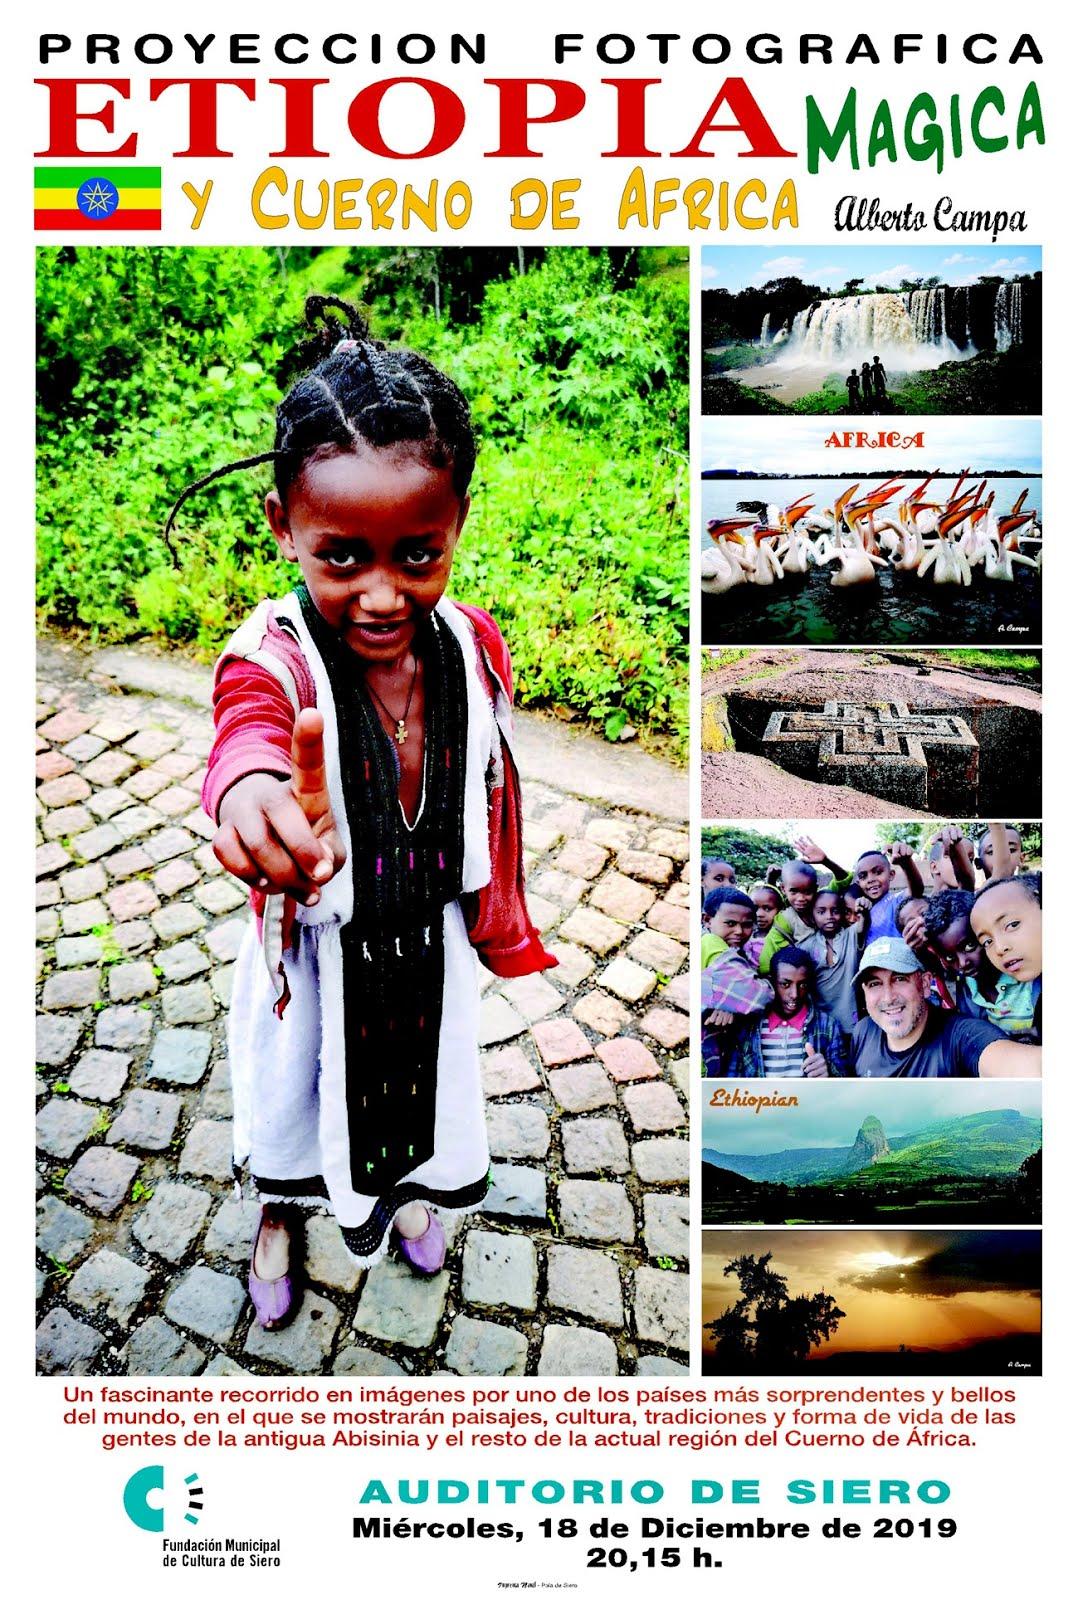 ETIOPIA Y CUERNO DE AFRICA